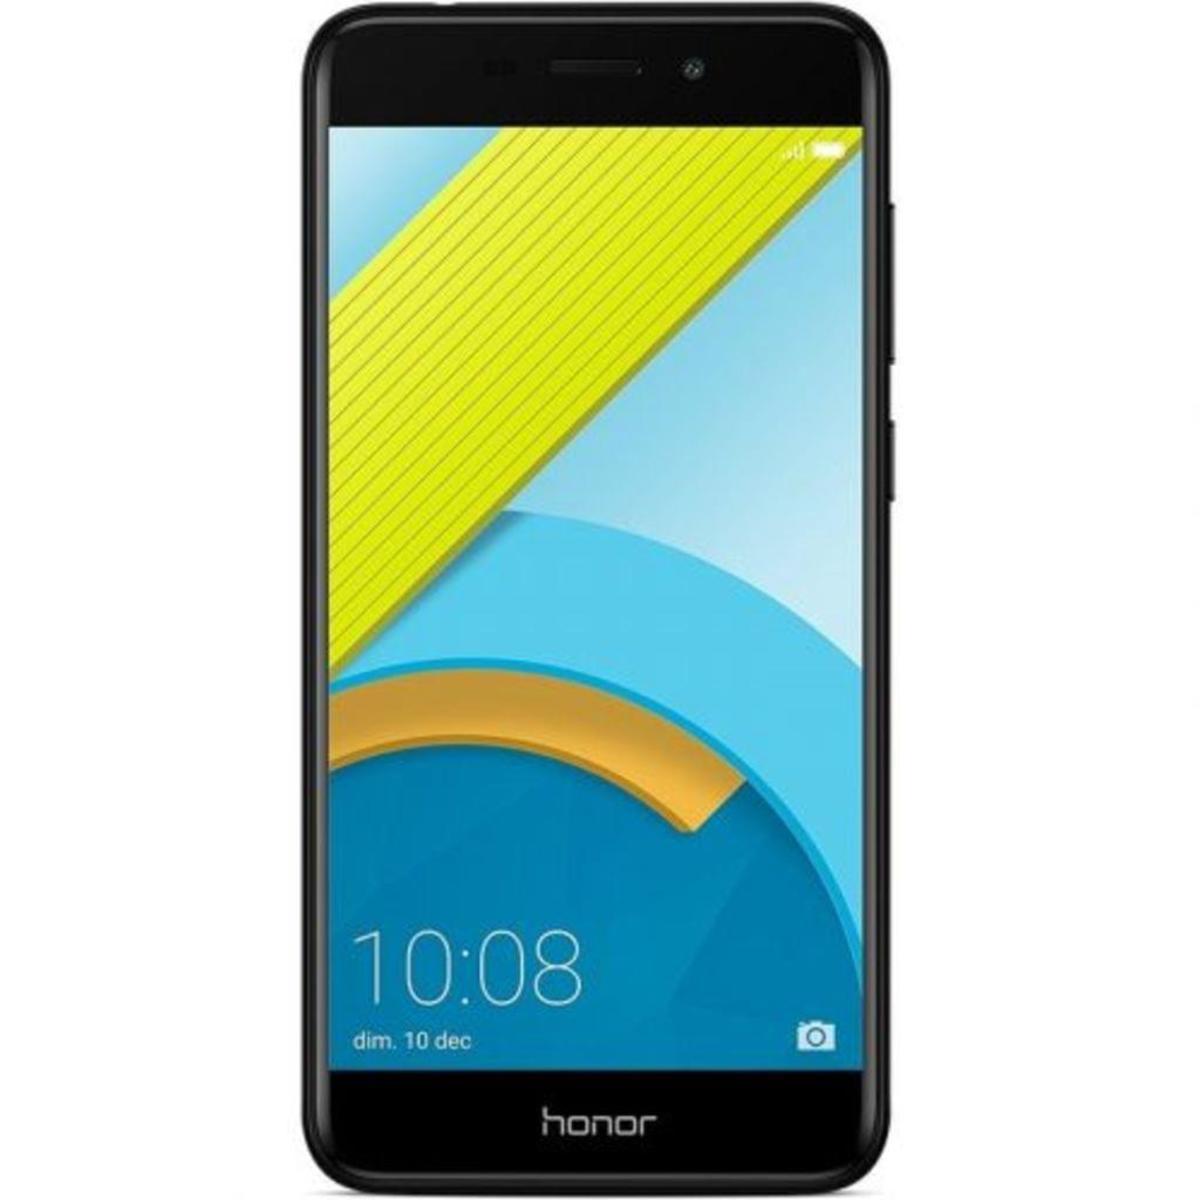 Bild 3 von Huawei Honor 6c Pro 32 GB, black